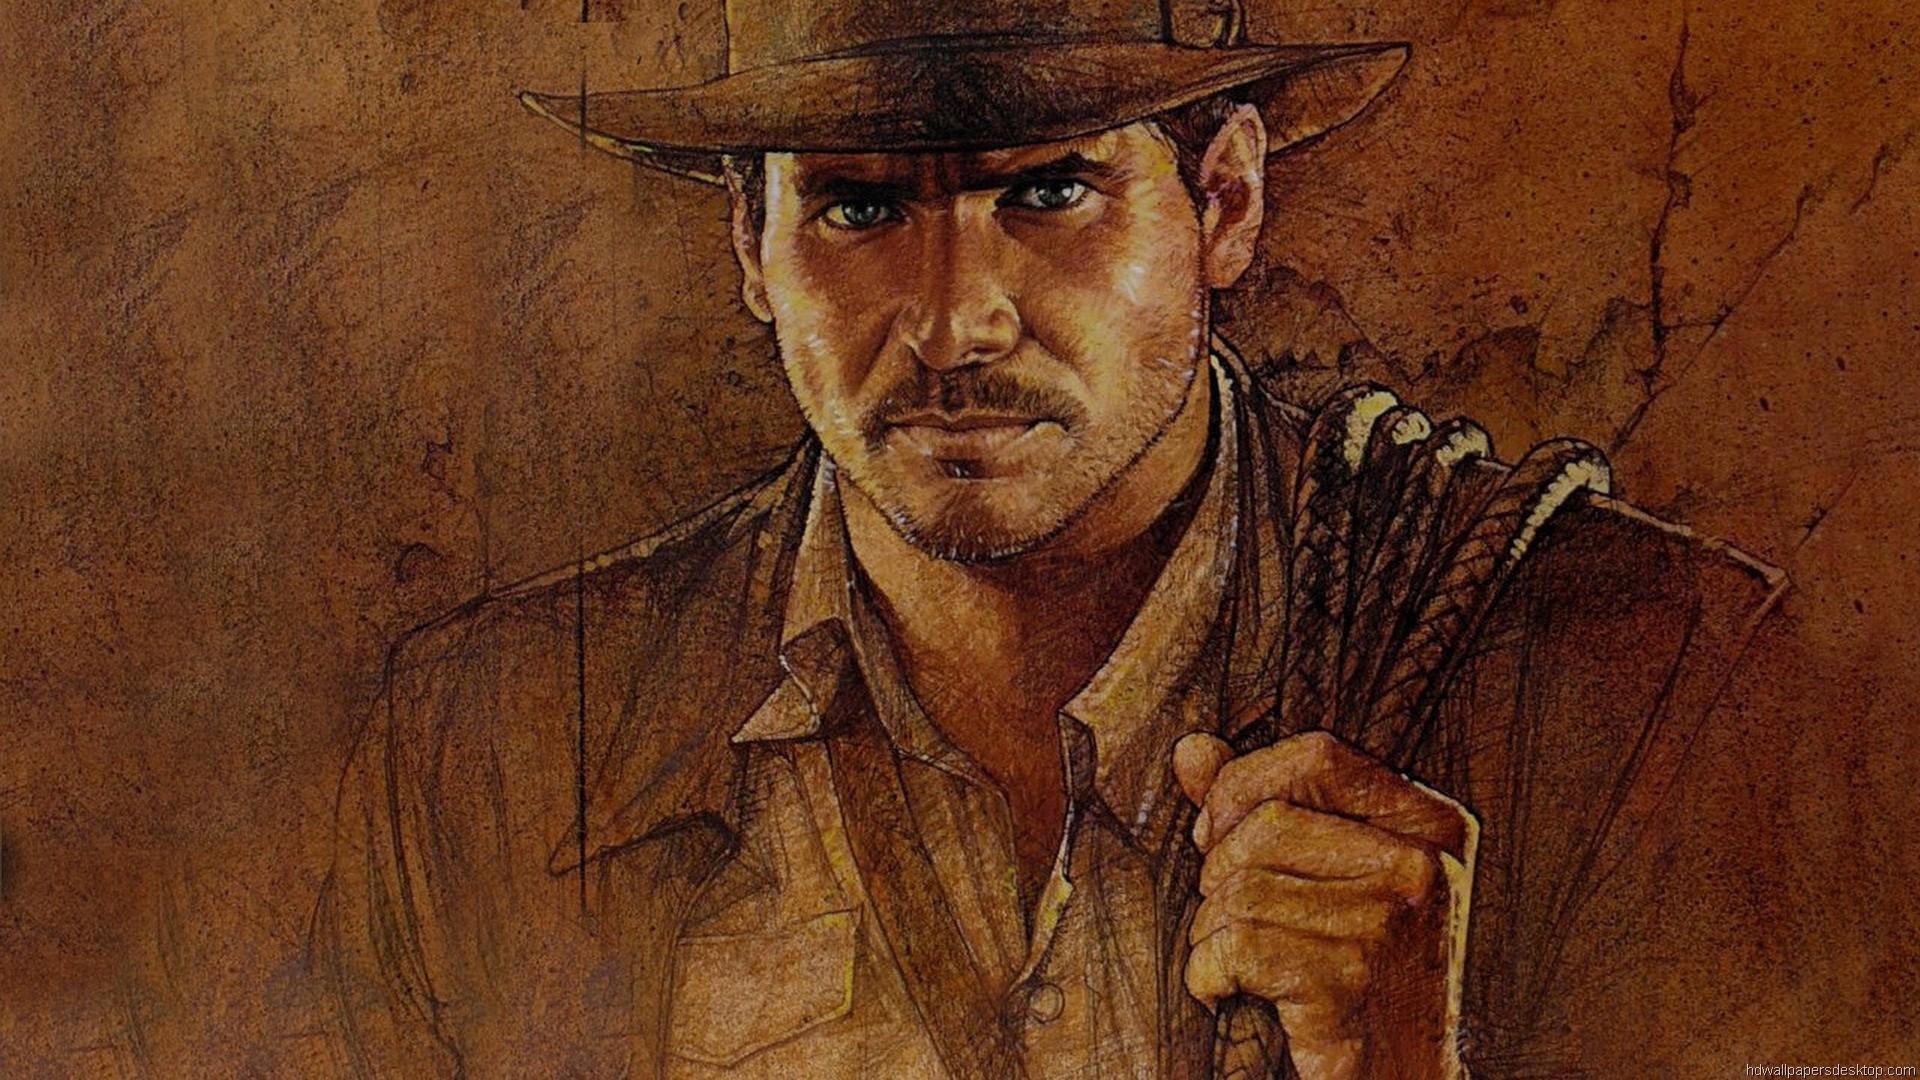 Indiana Jones Wallpaper (63+ images)